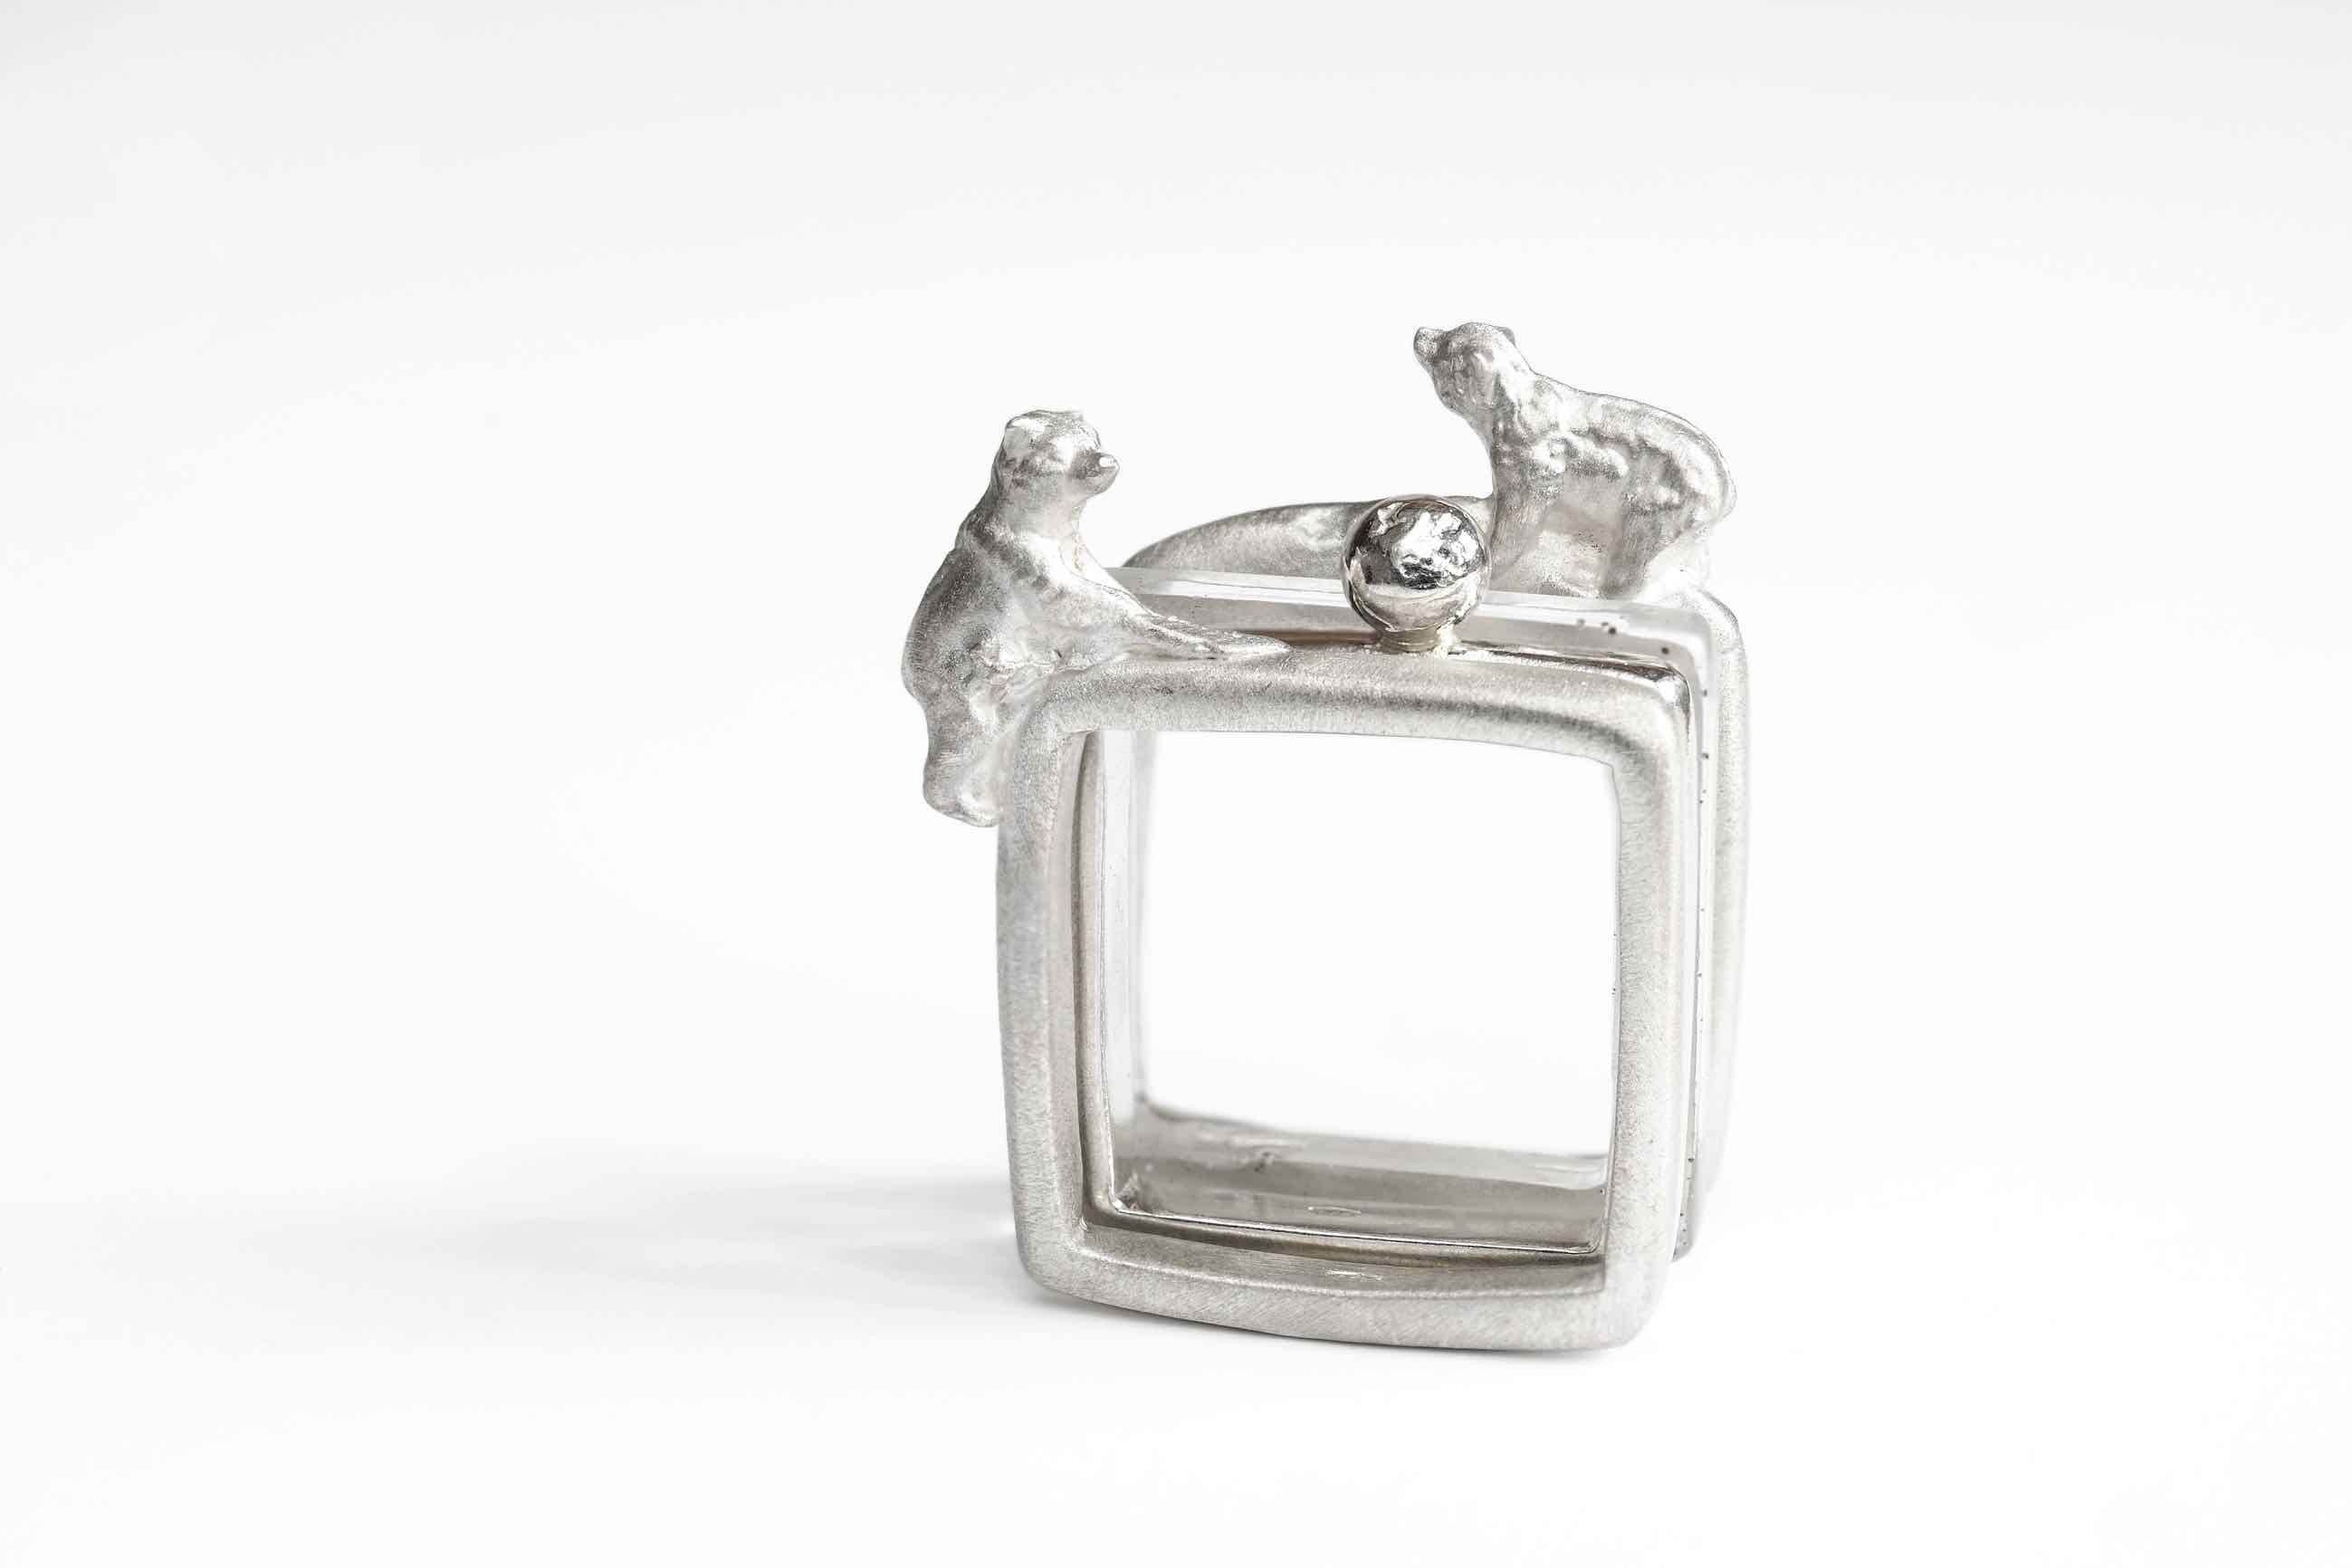 FRANCESCA MO Limited Edition Jewelry Tales_F.MO_Composizione n.2 Ph: Fabrizio Stipari